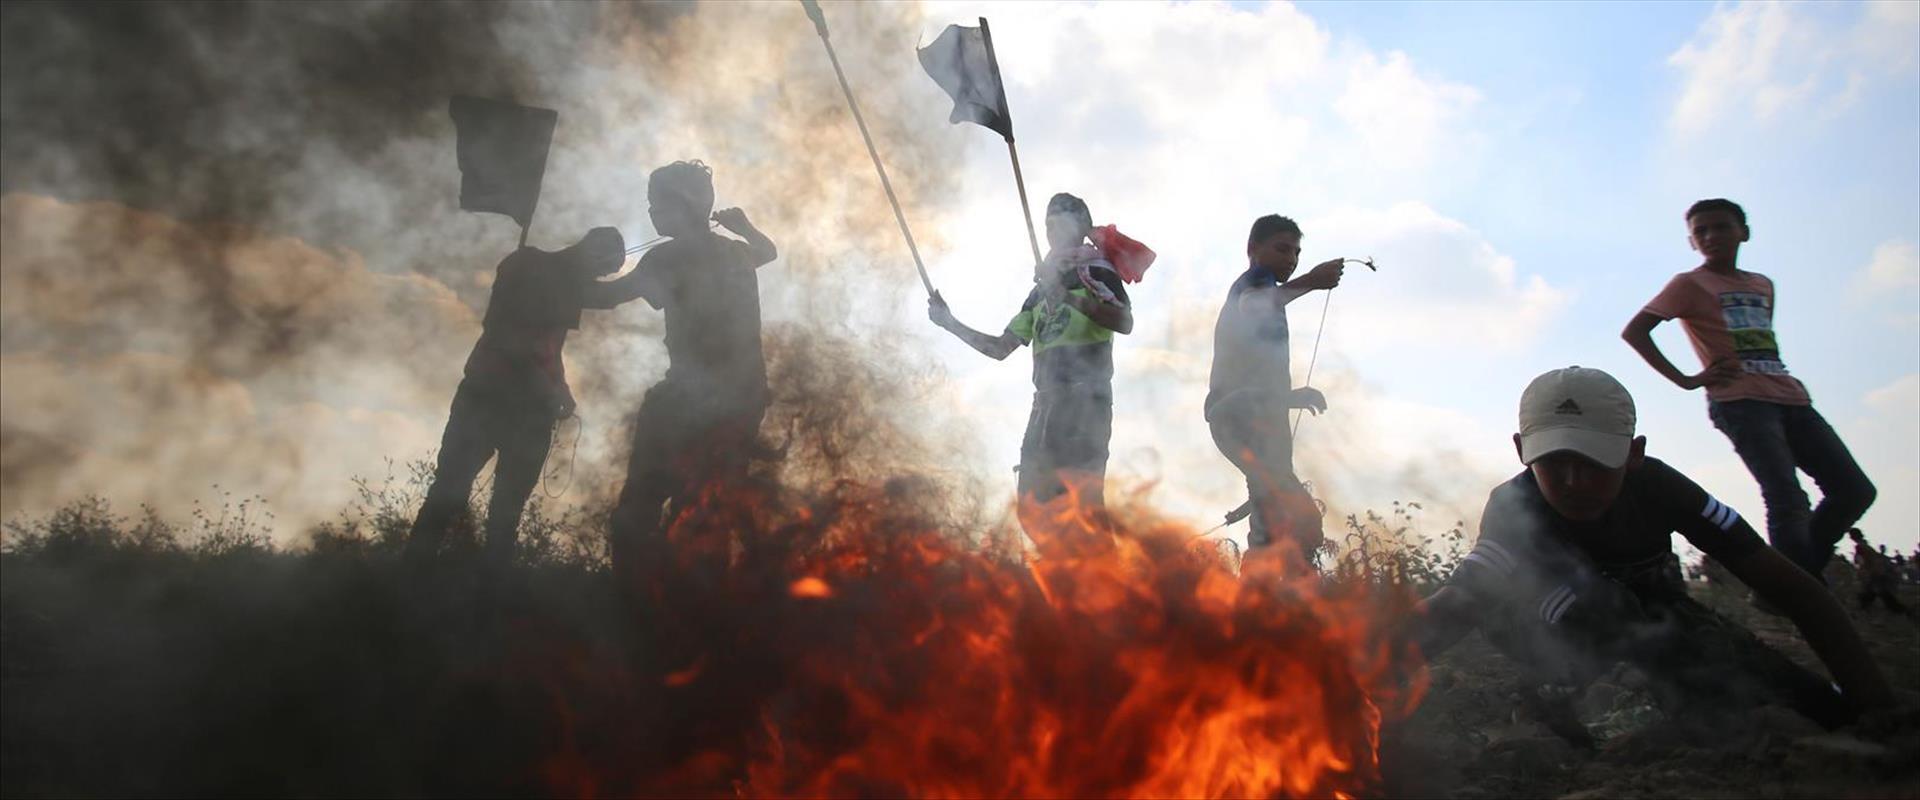 פלסטינים מתפרעים בגבול עזה, אתמול